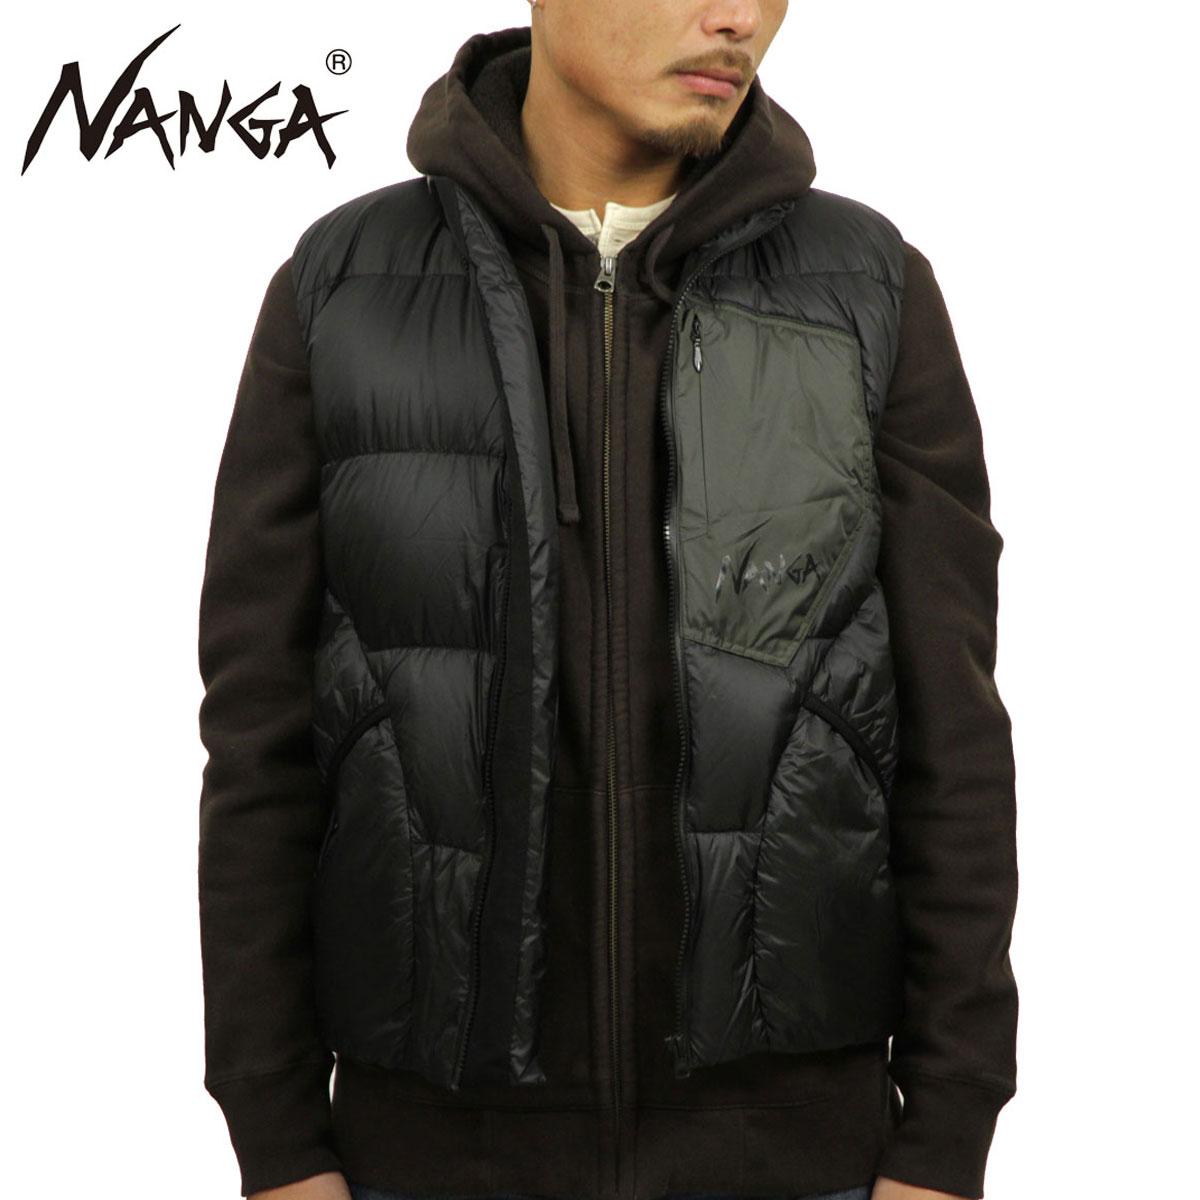 【ポイント10倍 10/4 20:00~10/11 01:59まで】 ナンガ NANGA 正規販売店 メンズ アウター ダウンジャケット MAZENO RIDGE VEST BLACK